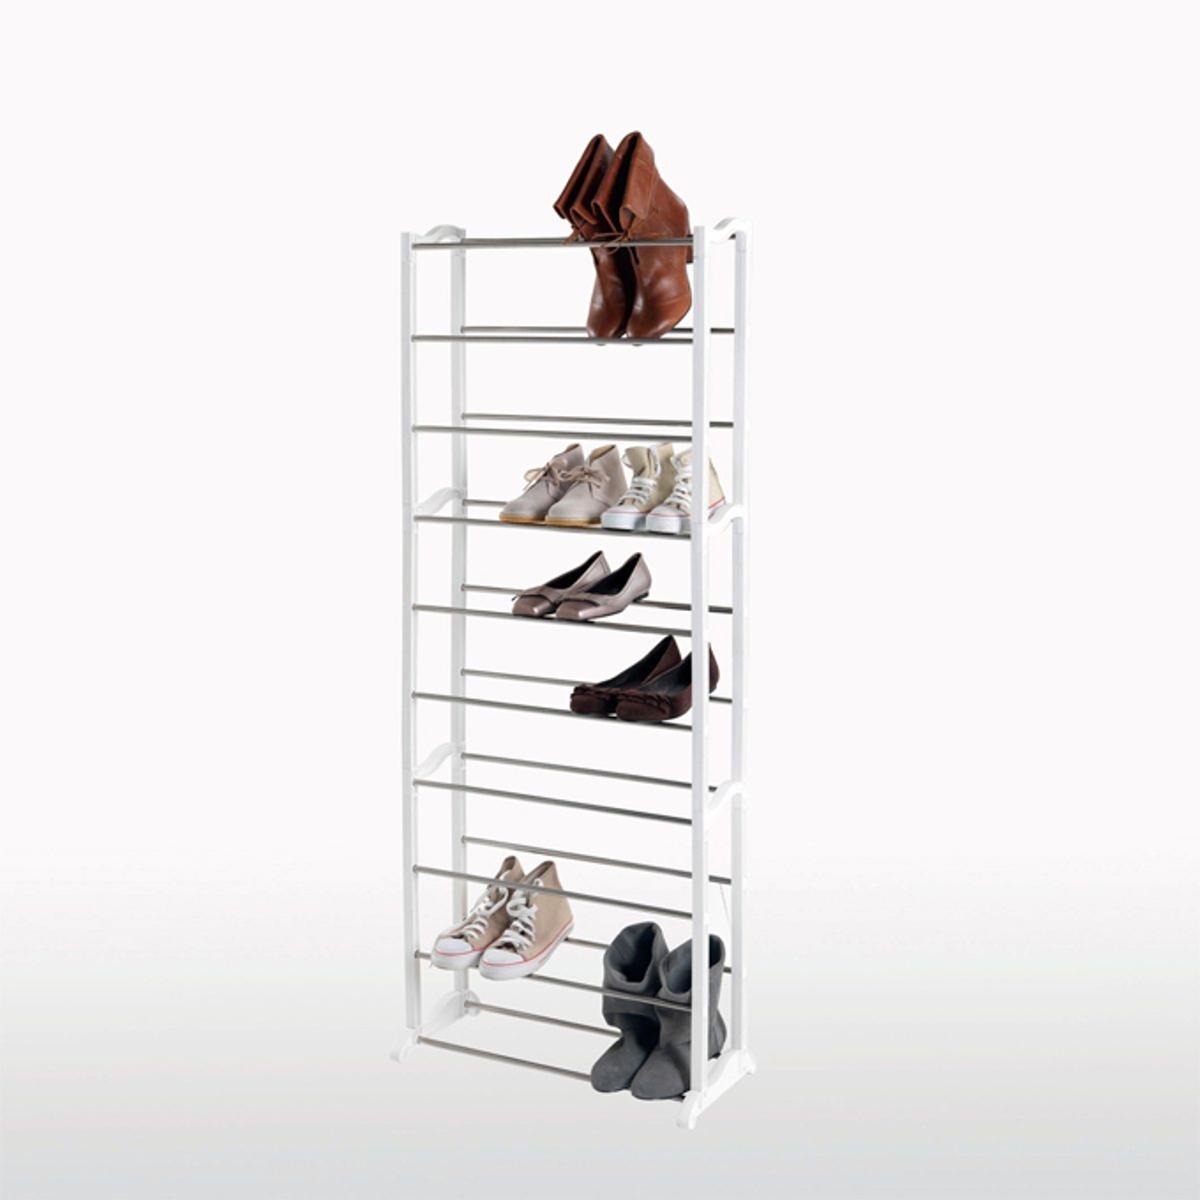 Полка модульная для обуви SCALLEОписание полки для обуви SCALLE :- Рейки из стали и боковые детали из белого полимера.- 10 уровней.- Объем : До 30 пар обуви.- Легко и быстро собрать и переместить.Полка готова к сборке в соответствии с прилагающейся инструкцией.Размеры :- Ш.54,7 x В.142,4 x Г.25,3 см..<br><br>Цвет: белый